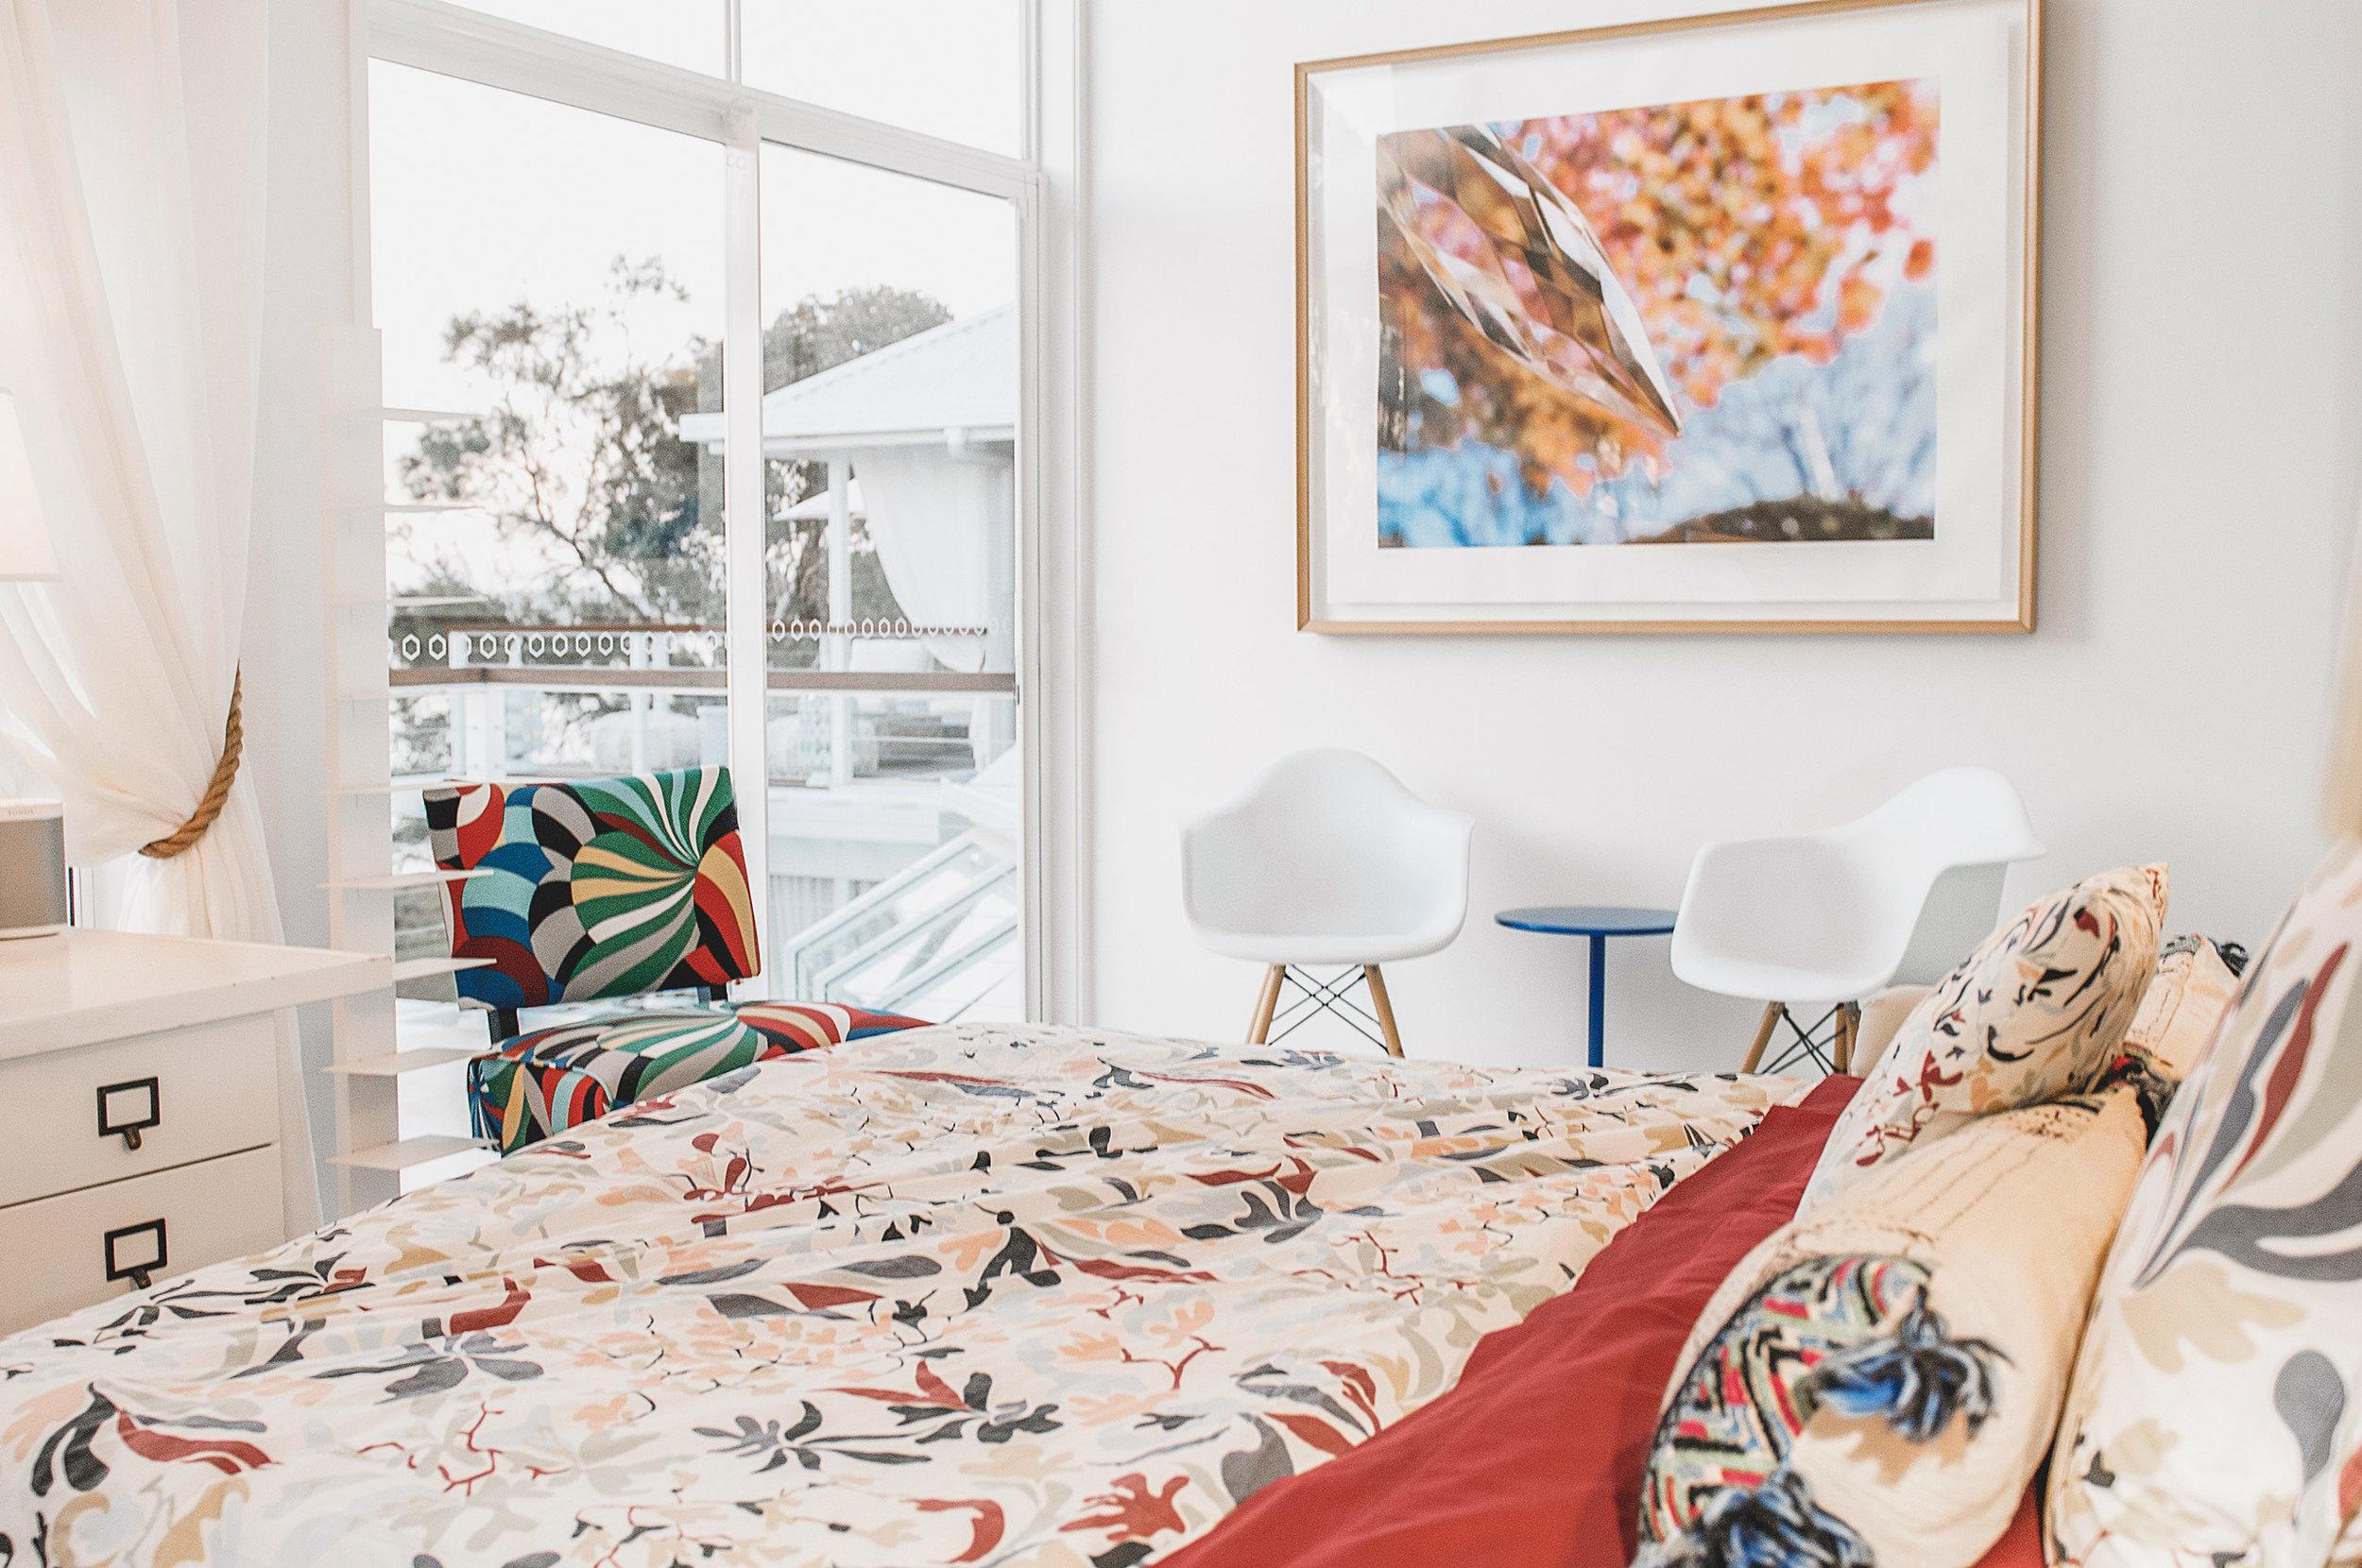 Barellen-12-Bedroom-6-Queen-Sofa-Bed-DSC_6905.jpg